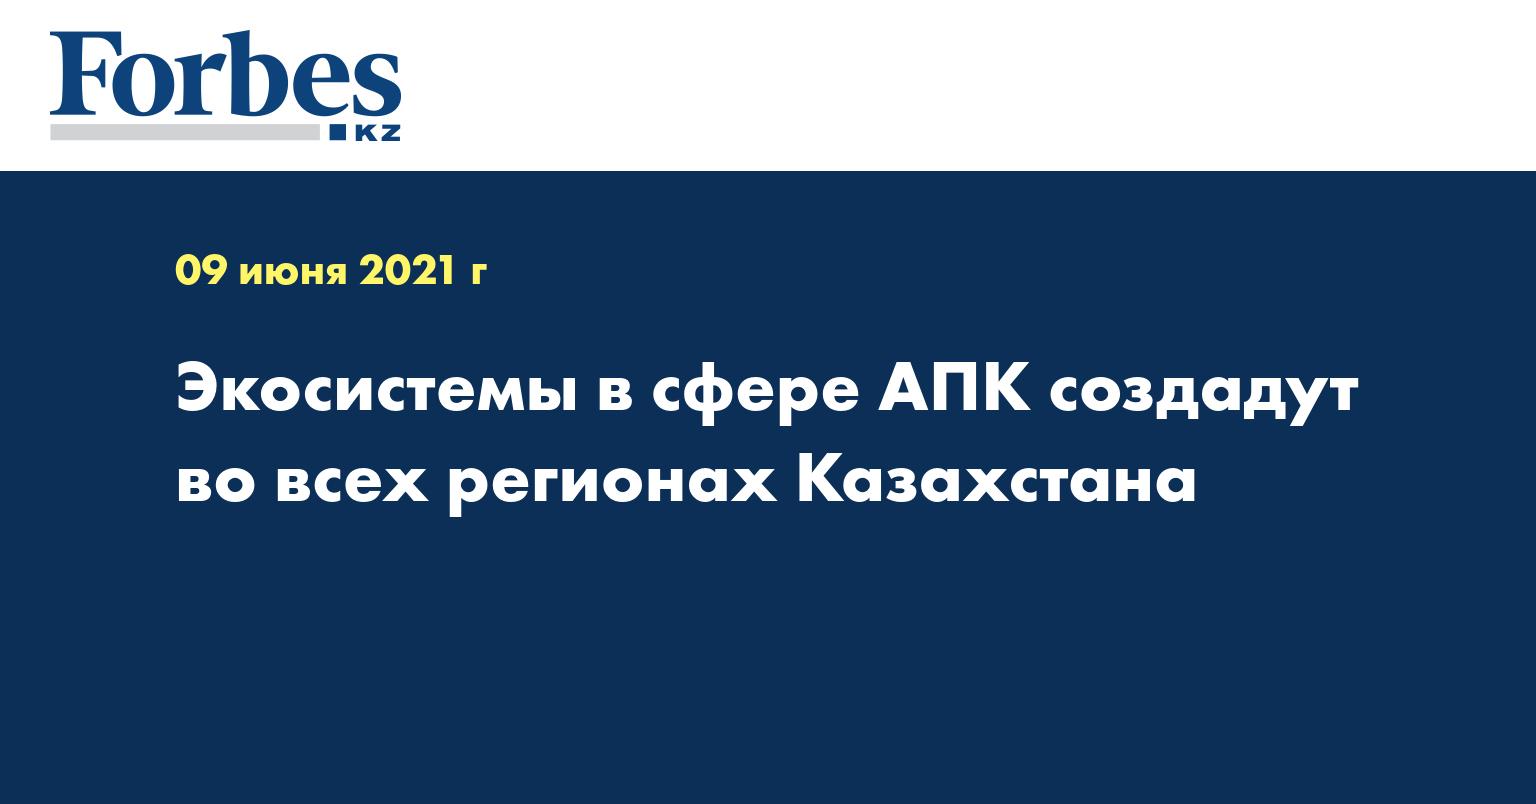 Экосистемы в сфере АПК создадут во всех регионах Казахстана